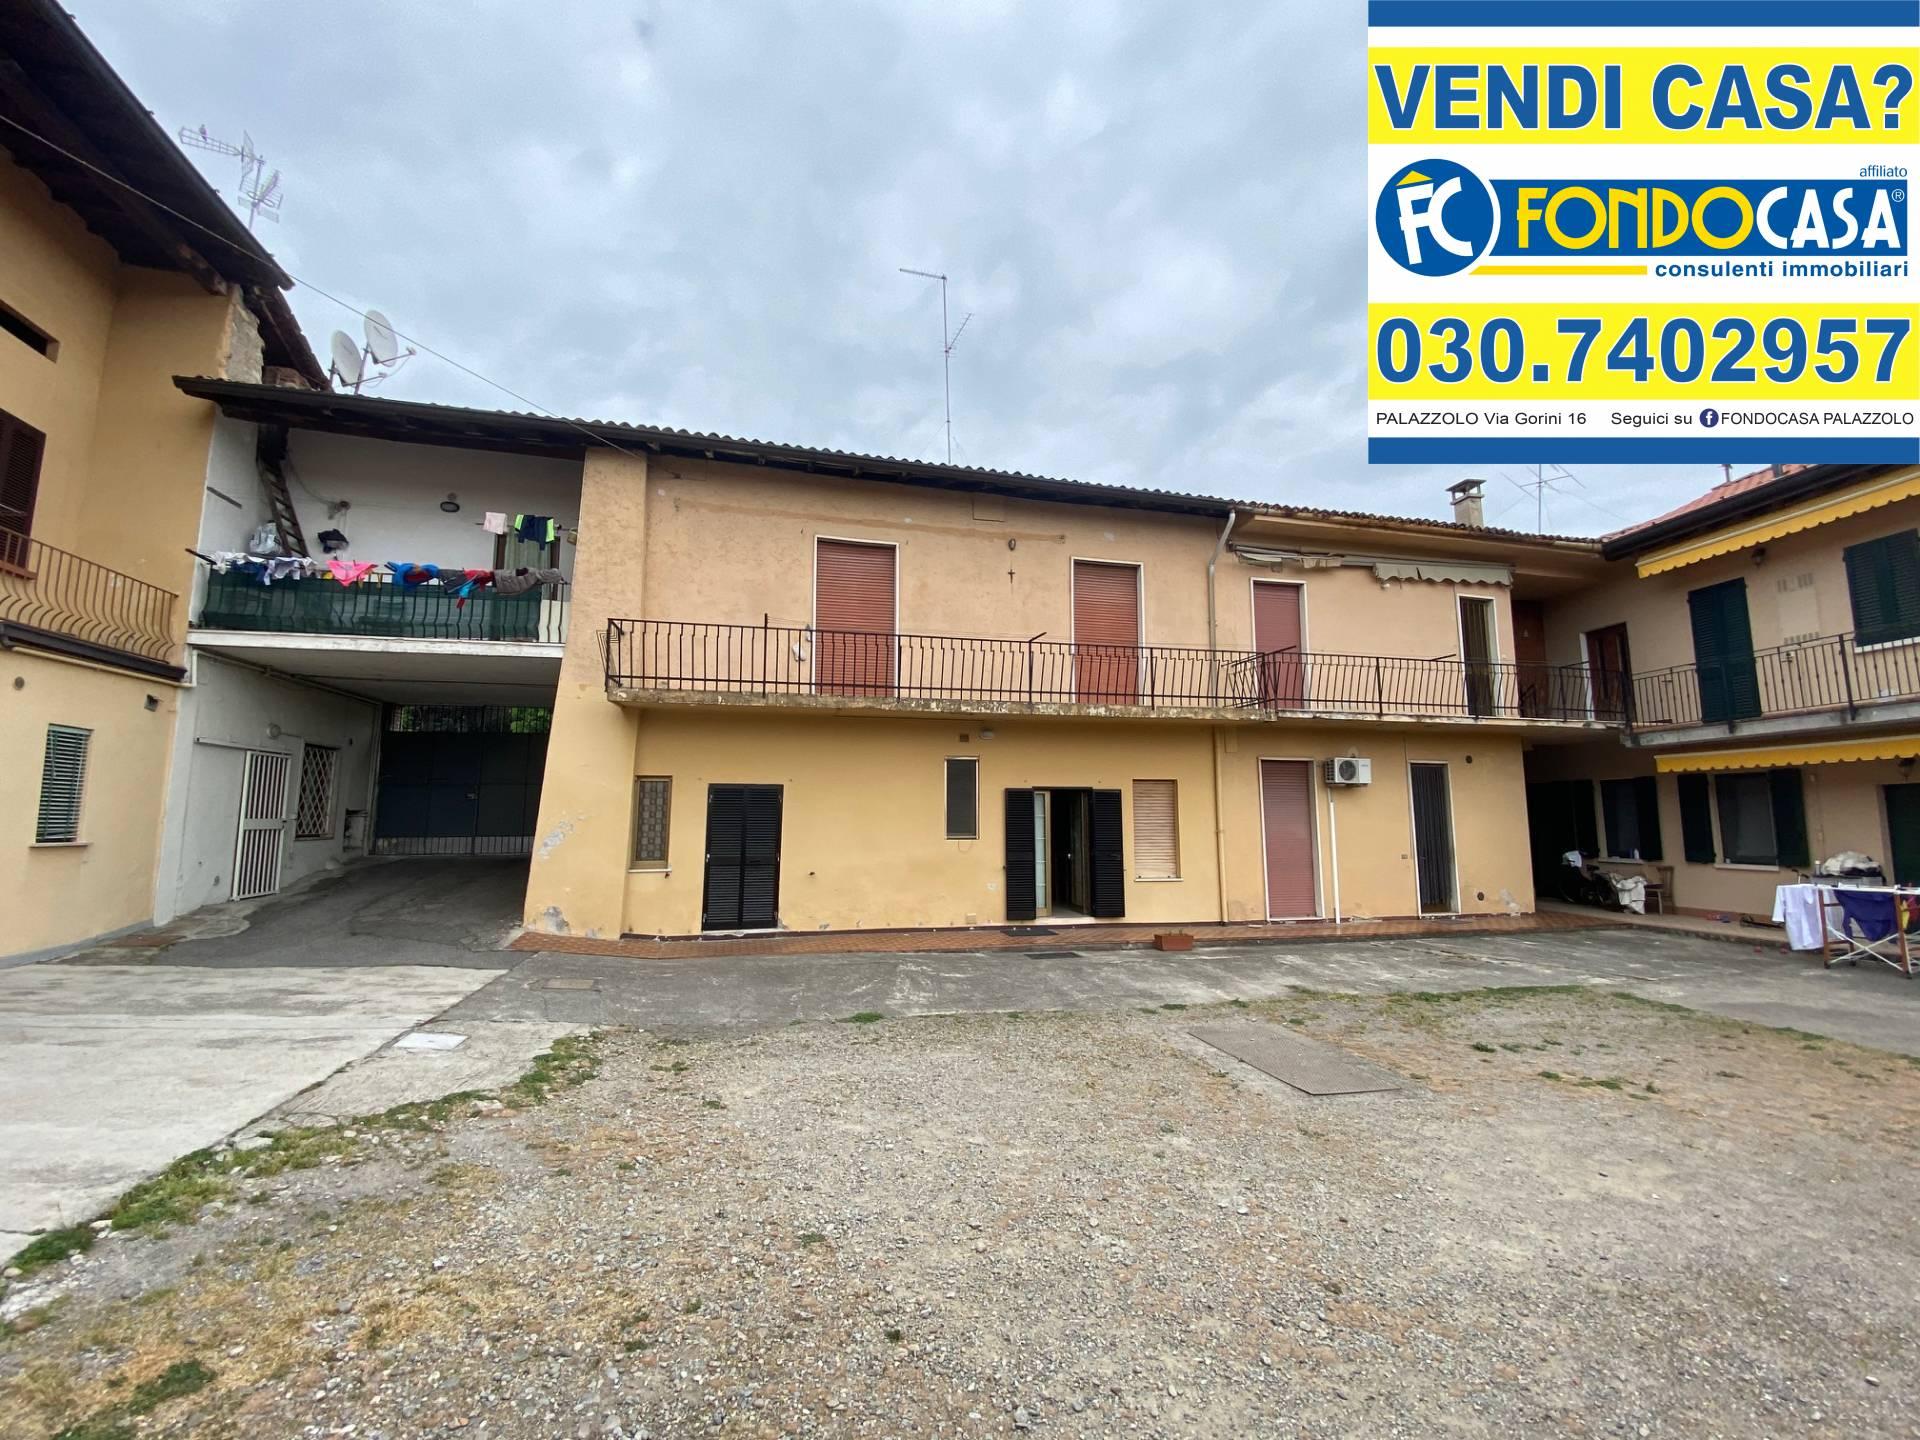 Appartamento in vendita a Palazzolo sull'Oglio, 3 locali, prezzo € 75.000 | PortaleAgenzieImmobiliari.it